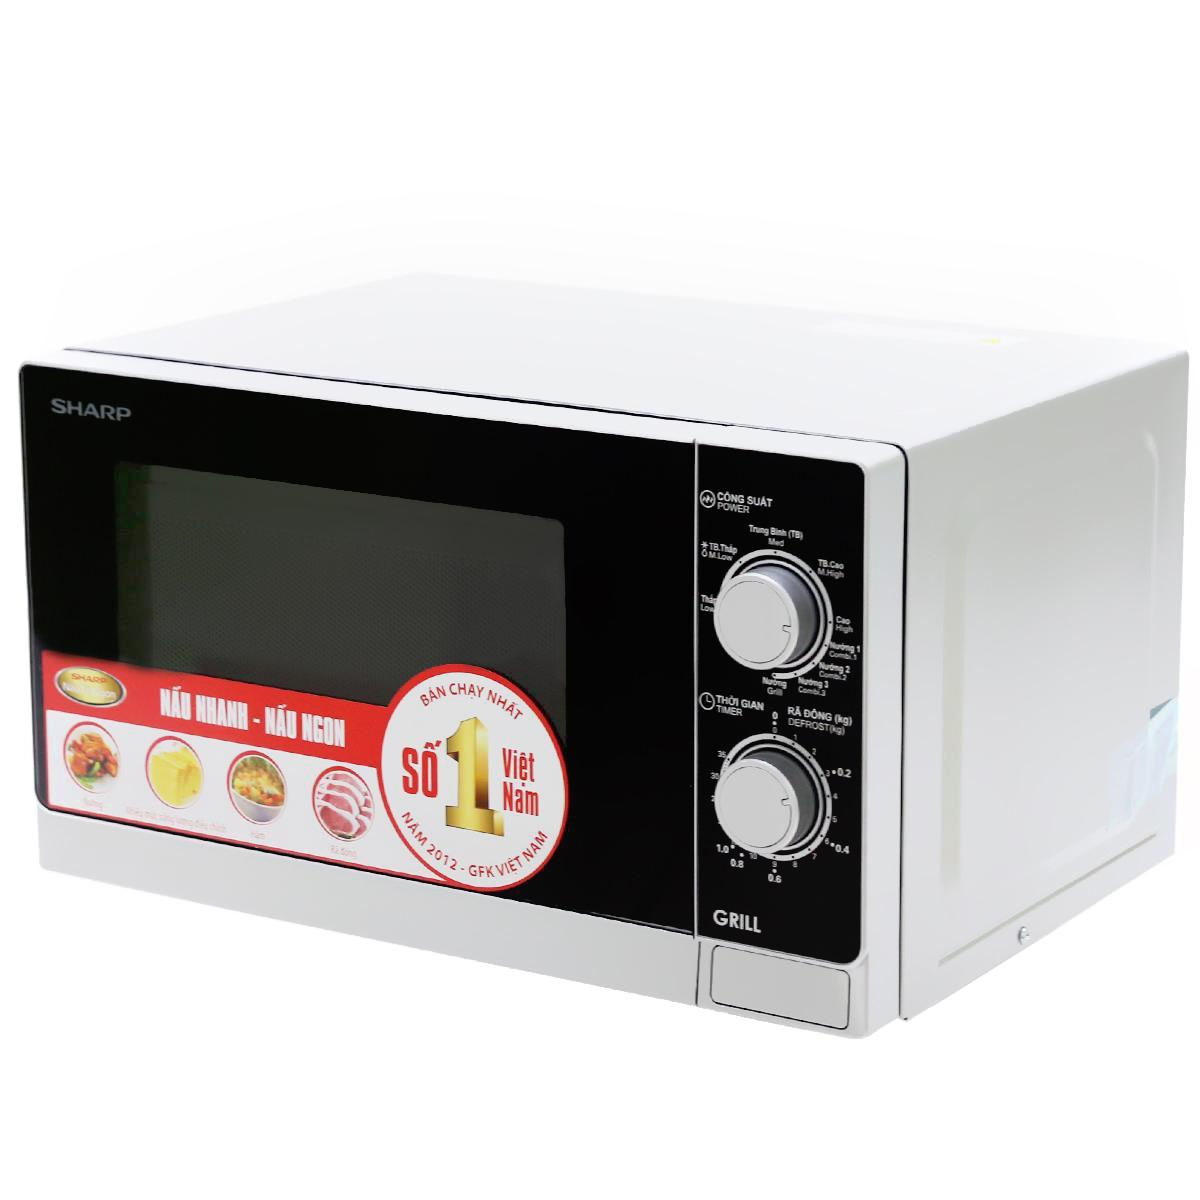 Lò vi sóng có nướng Sharp R-G222VN-S 20 lít